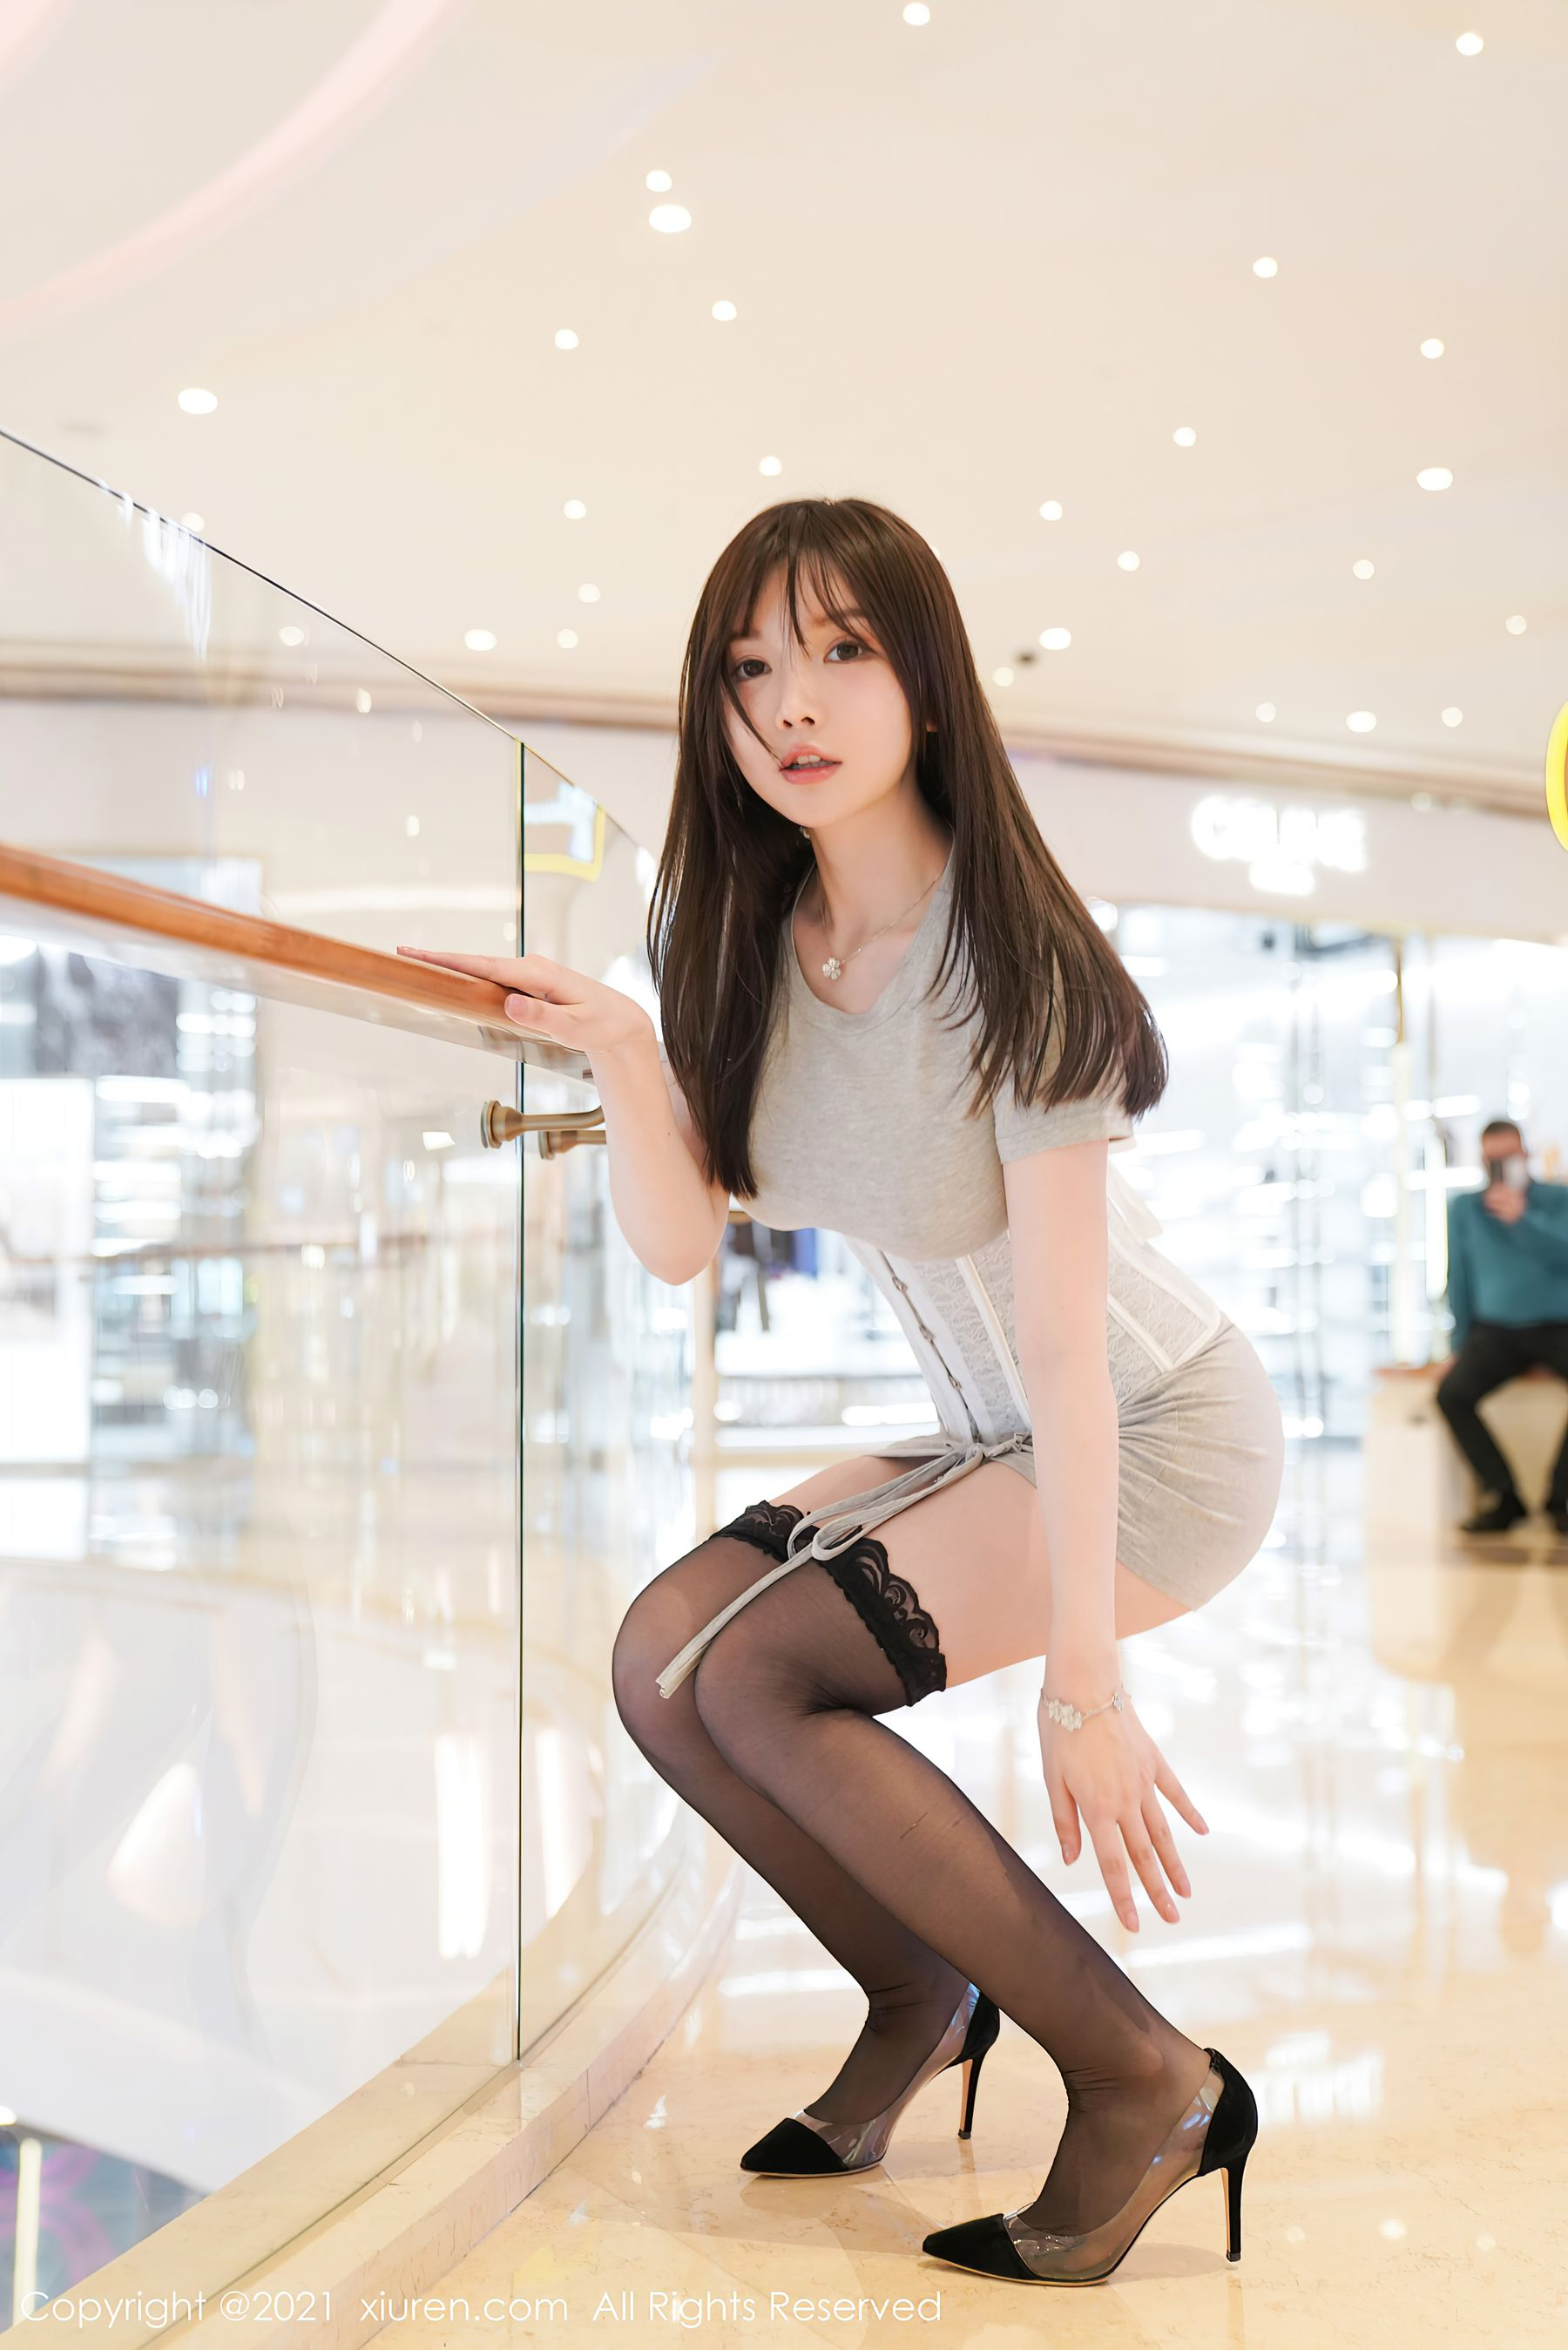 VOL.953 [秀人网]大胸美臀黑丝诱惑:糯美子MINIbabe(米妮大萌萌,苏糯米,糯美子Mini,米妮mini)超高清写真套图(60P)